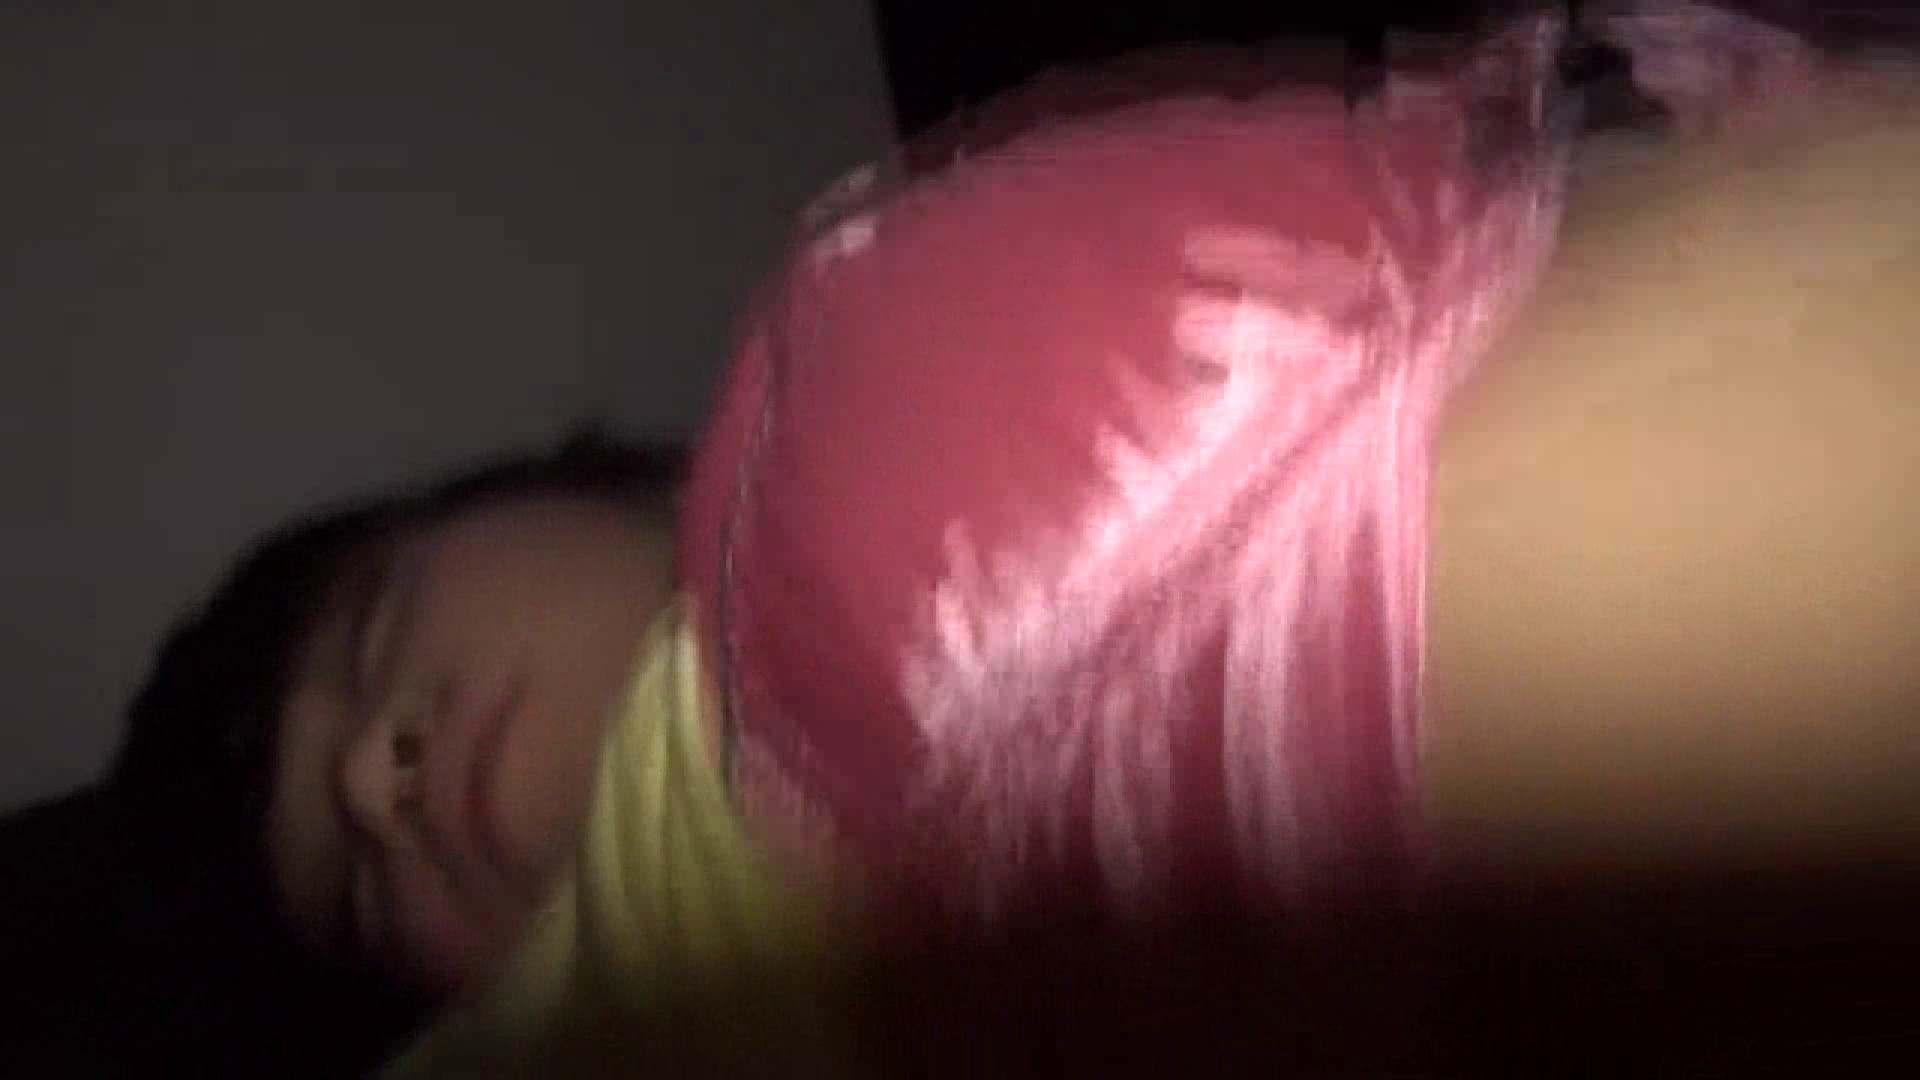 ギャルエロ娘の反乱 Vol.04 オナニー | 美少女ヌード  99pic 11